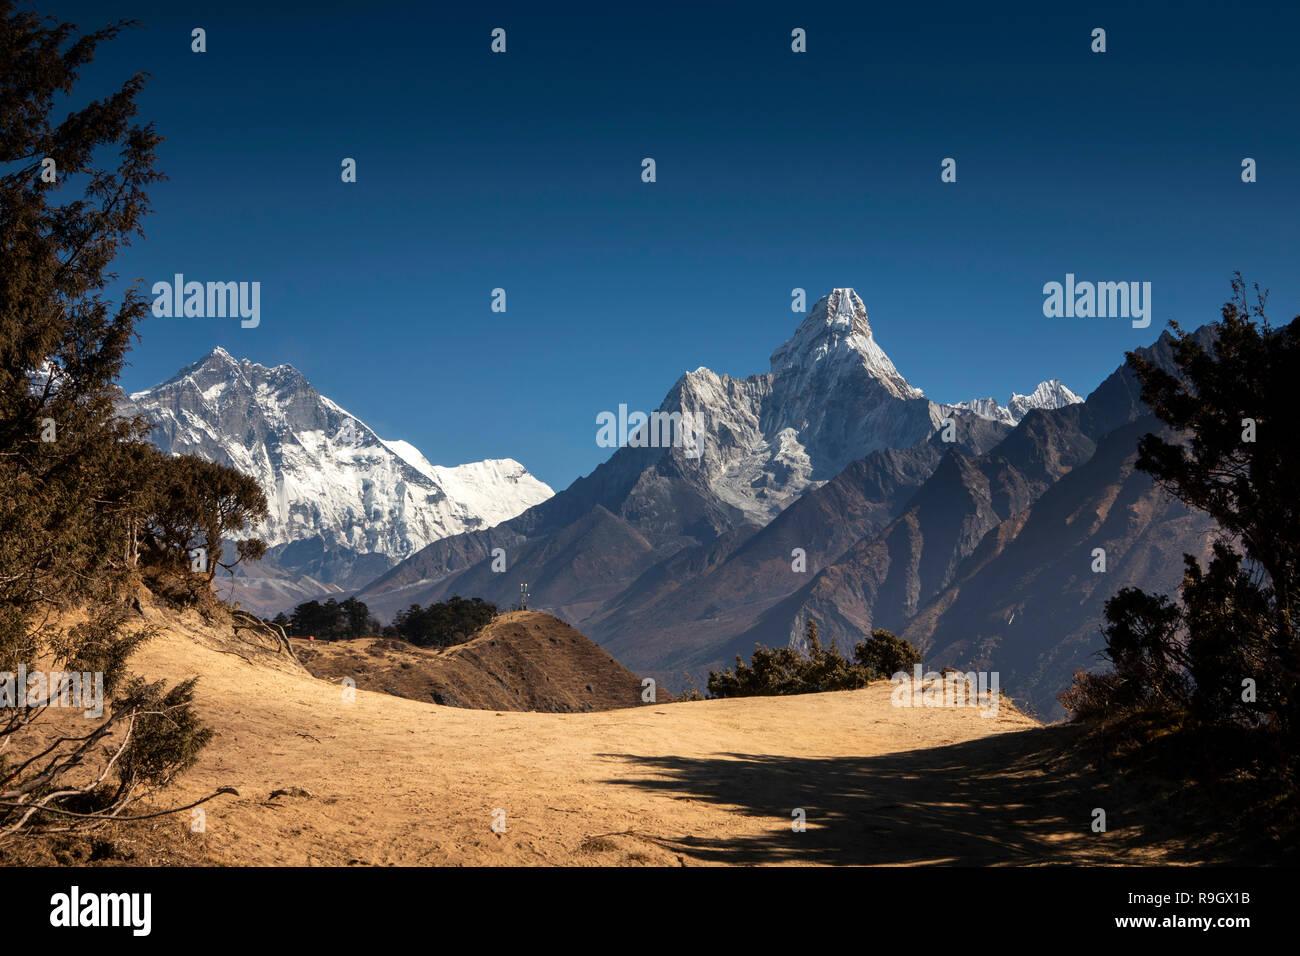 Nepal, Everest Base Camp Trek, Ama Dablam Imjatse (Island Peak) and surrounding mountains from above Khumjung - Stock Image